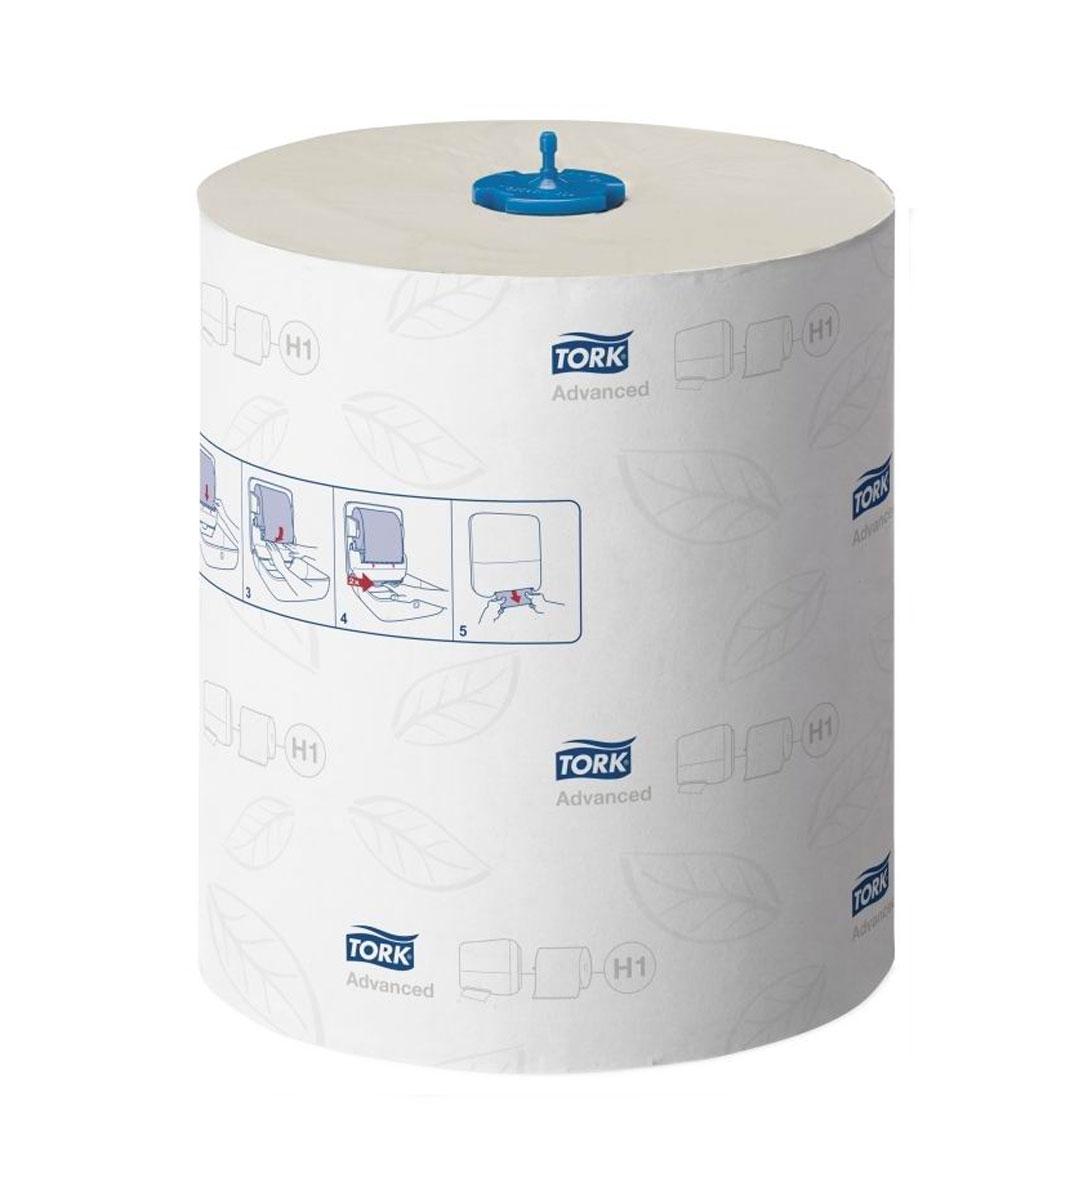 Бумажные полотенца Tork Matic, двухслойные, в рулонах, 150 м, 6 шт120067Бумажные полотенца Tork Matic качества Advanced произведены из натуральной целлюлозы высшего качества по технологии TAD - Сквозная сушка воздухом. Отбелены без хлора. Бумага имеет увеличенную плотность 25,5 г/м2 и толщину за счет 2 слоев. Бумага мягкая, отлично впитывает и отличается увеличенной прочностью. На бумаге имеется перфорация для легкого отрыва и прозрачное тиснение в виде листочков.Рулон экономичен, большой объем бумаги не требует частой перезаправки. Подходит для туалетных комнат с высокой и средней проходимостью. Расход на одного человека за посещение - 2 листа. Бумага в системе Н1 расходуется наиболее экономично.Количество слоев: 2.Длина рулона: 150 м.Ширина листа: 21 см.Количество листов в рулоне: 600.Система: H1 Matic system.